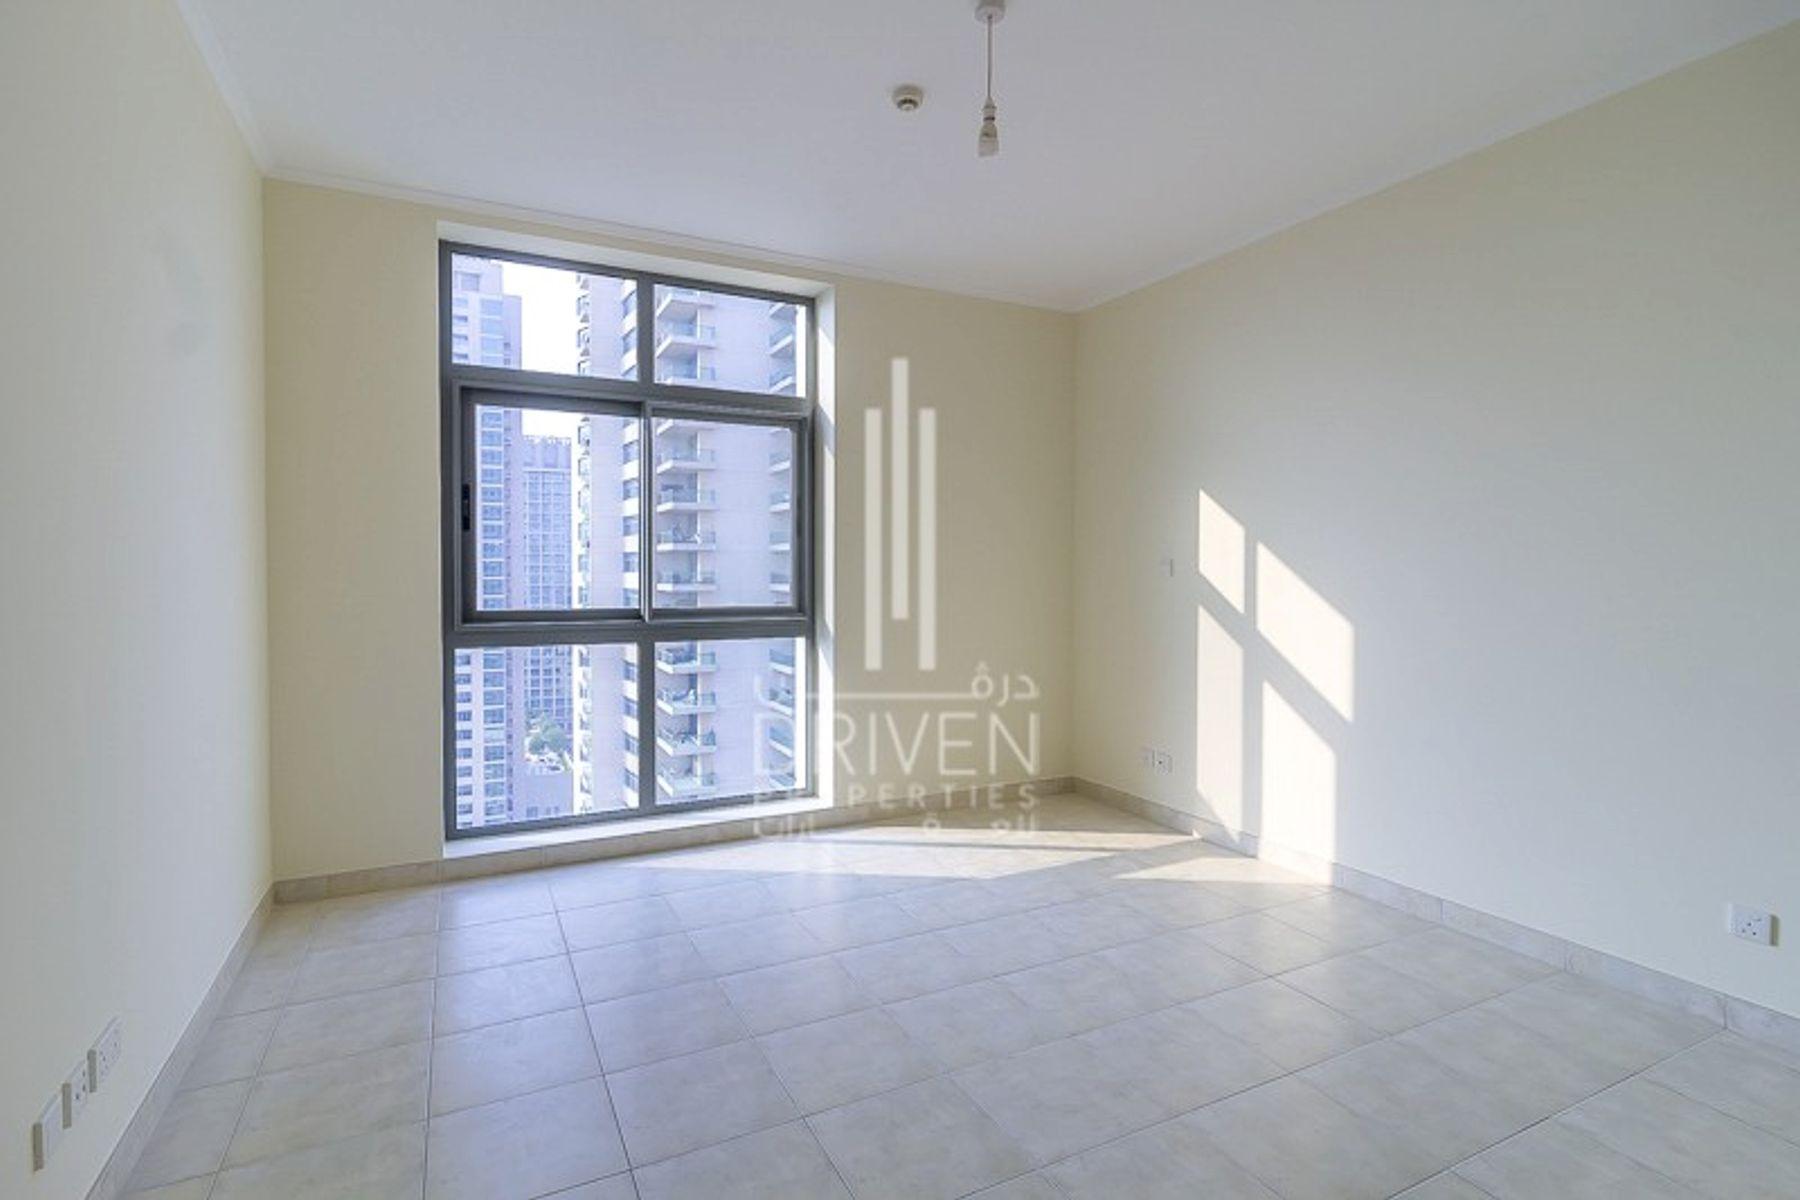 للايجار - شقة - برج لينكس الغربي - ذا فيوز